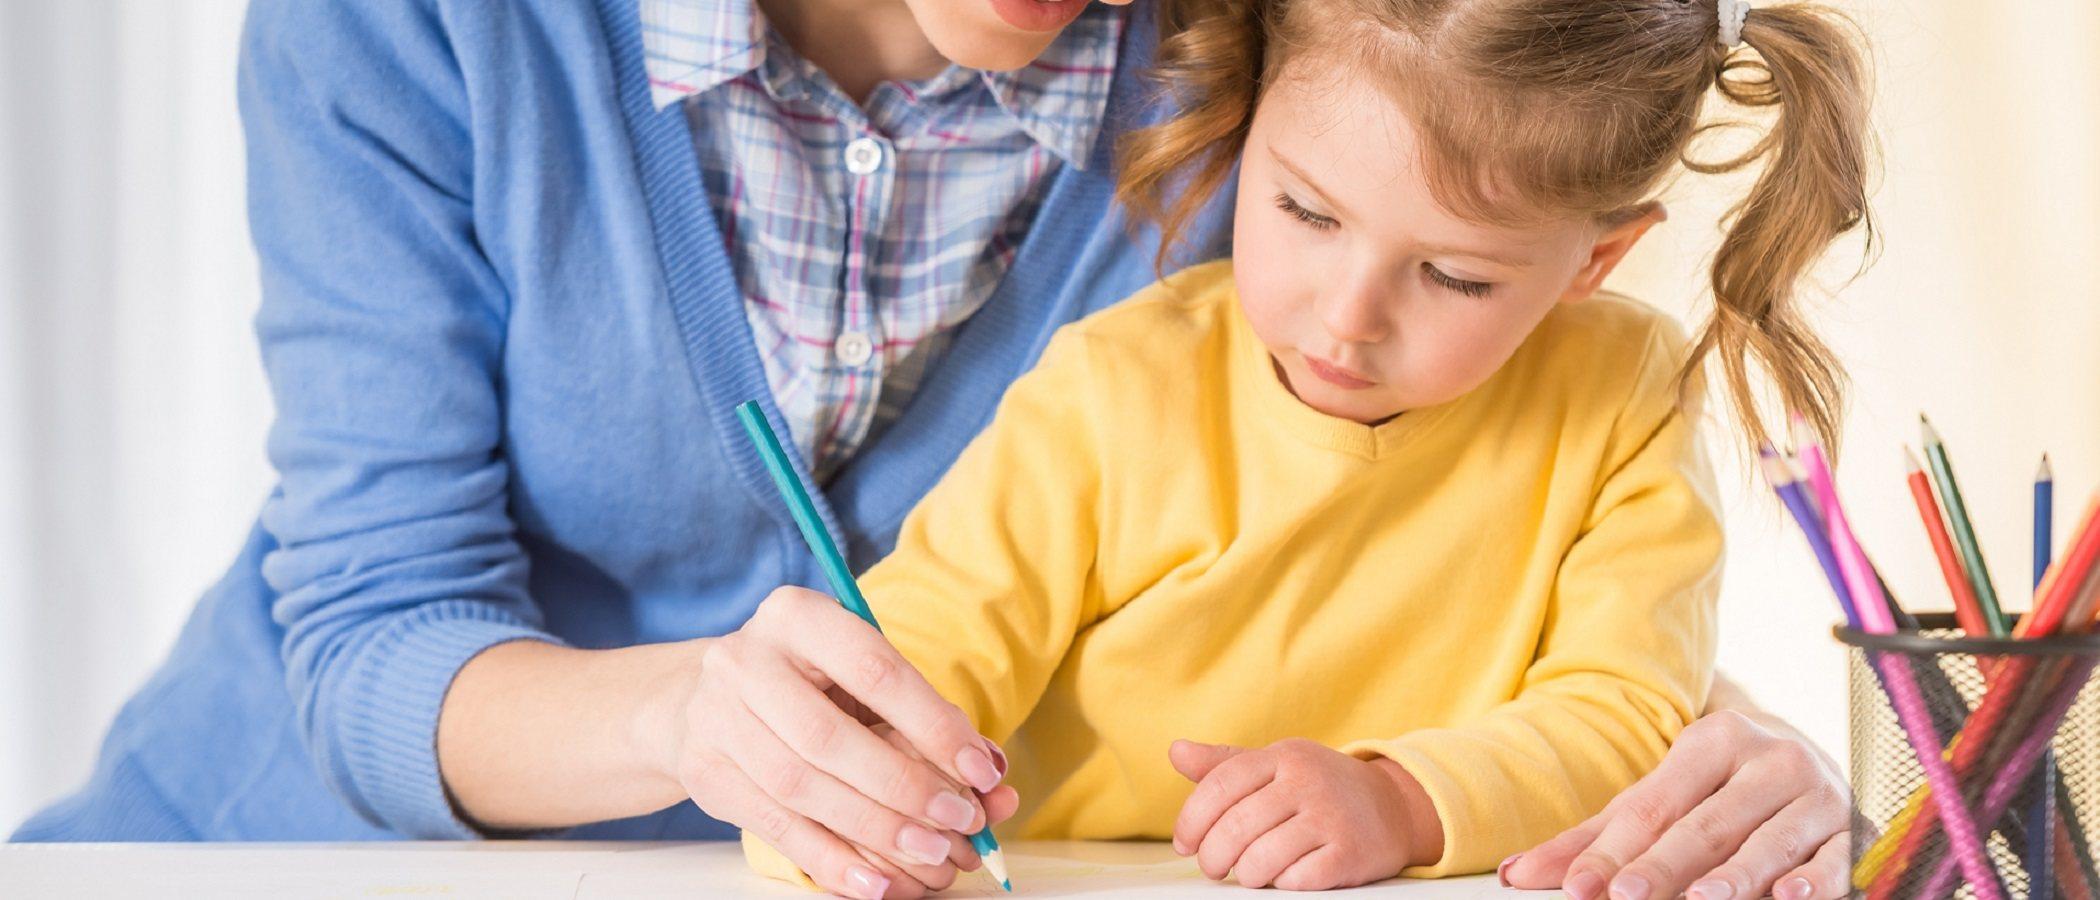 Consigue que tus hijos tengan sus propias aficiones